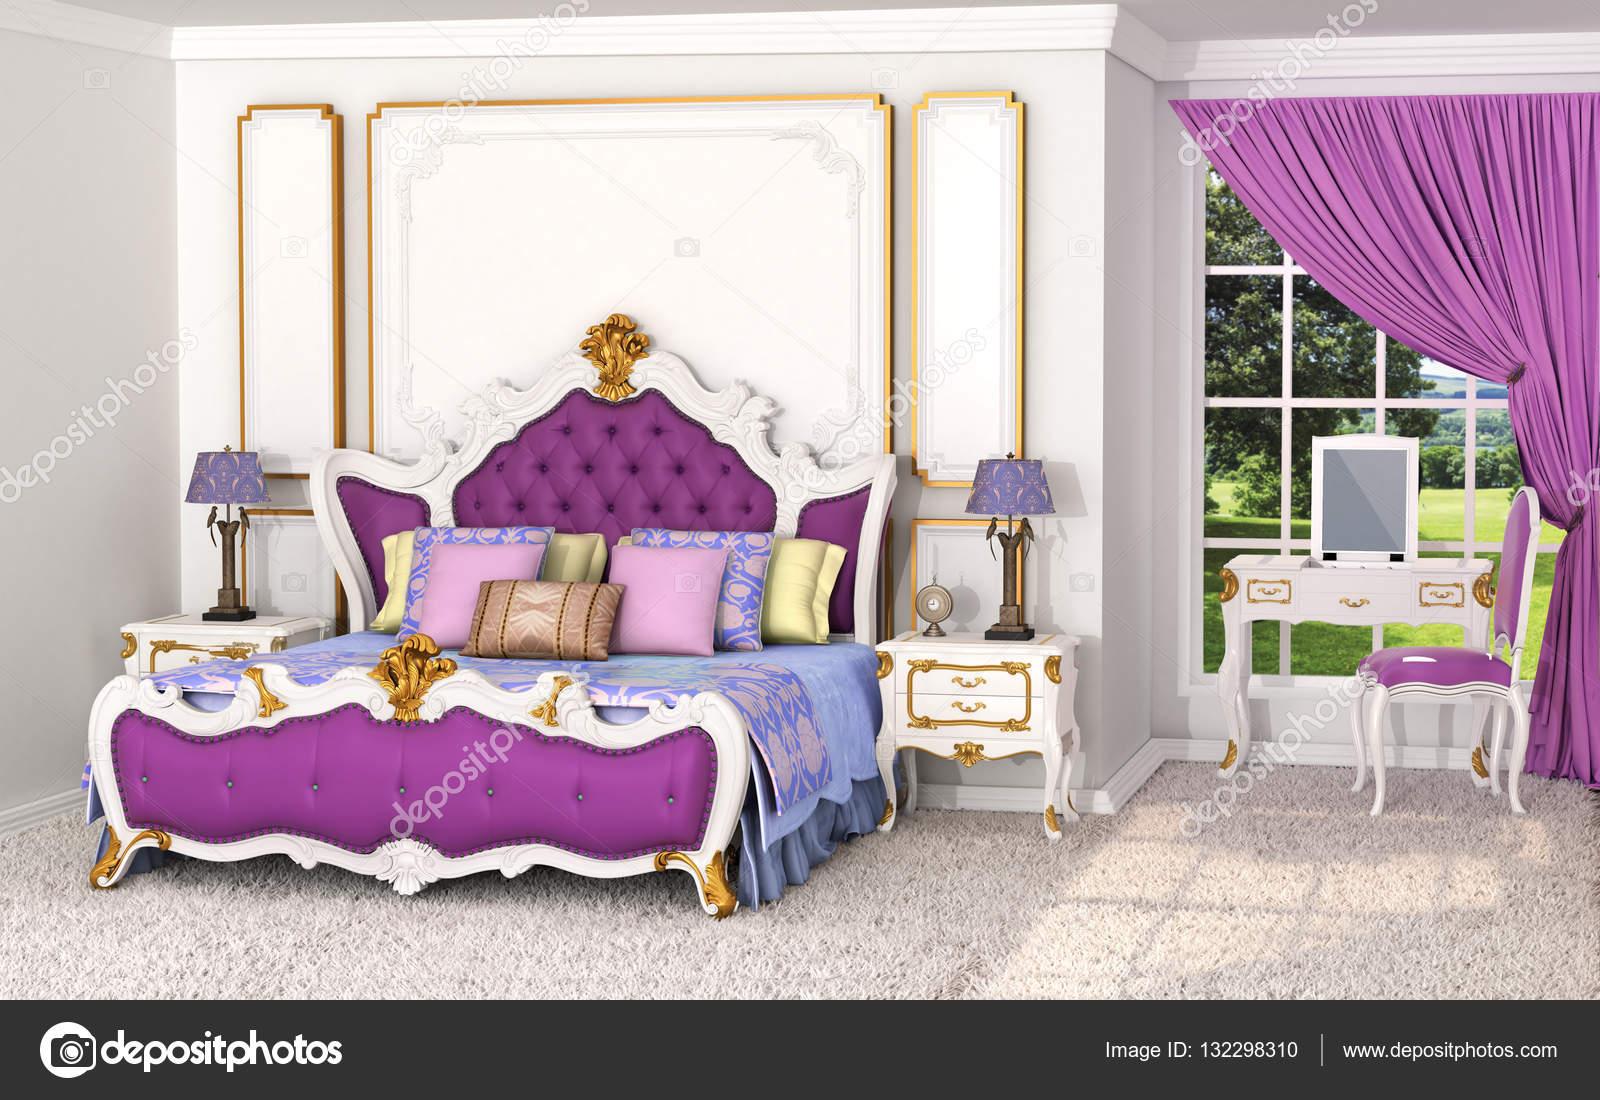 Barock Im Inneren. Luxuriöses Schlafzimmer Mit Bett Und Wand Dekorationen  In Gold Farben. 3D Illustration U2014 Foto Von Urfingus